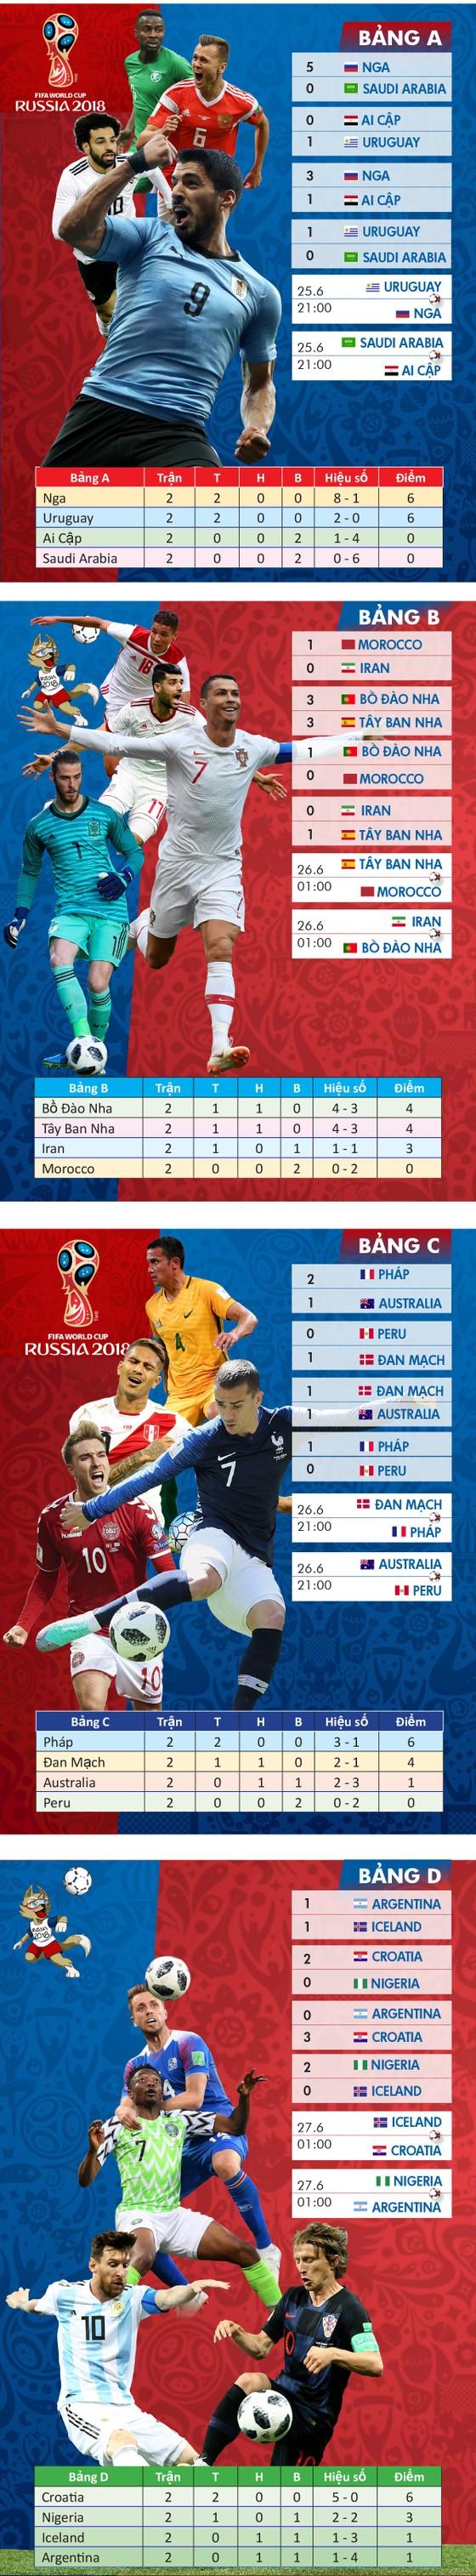 Lịch thi đấu WORLD CUP 2018 (giai đoạn 3) - chia theo bảng ảnh 1